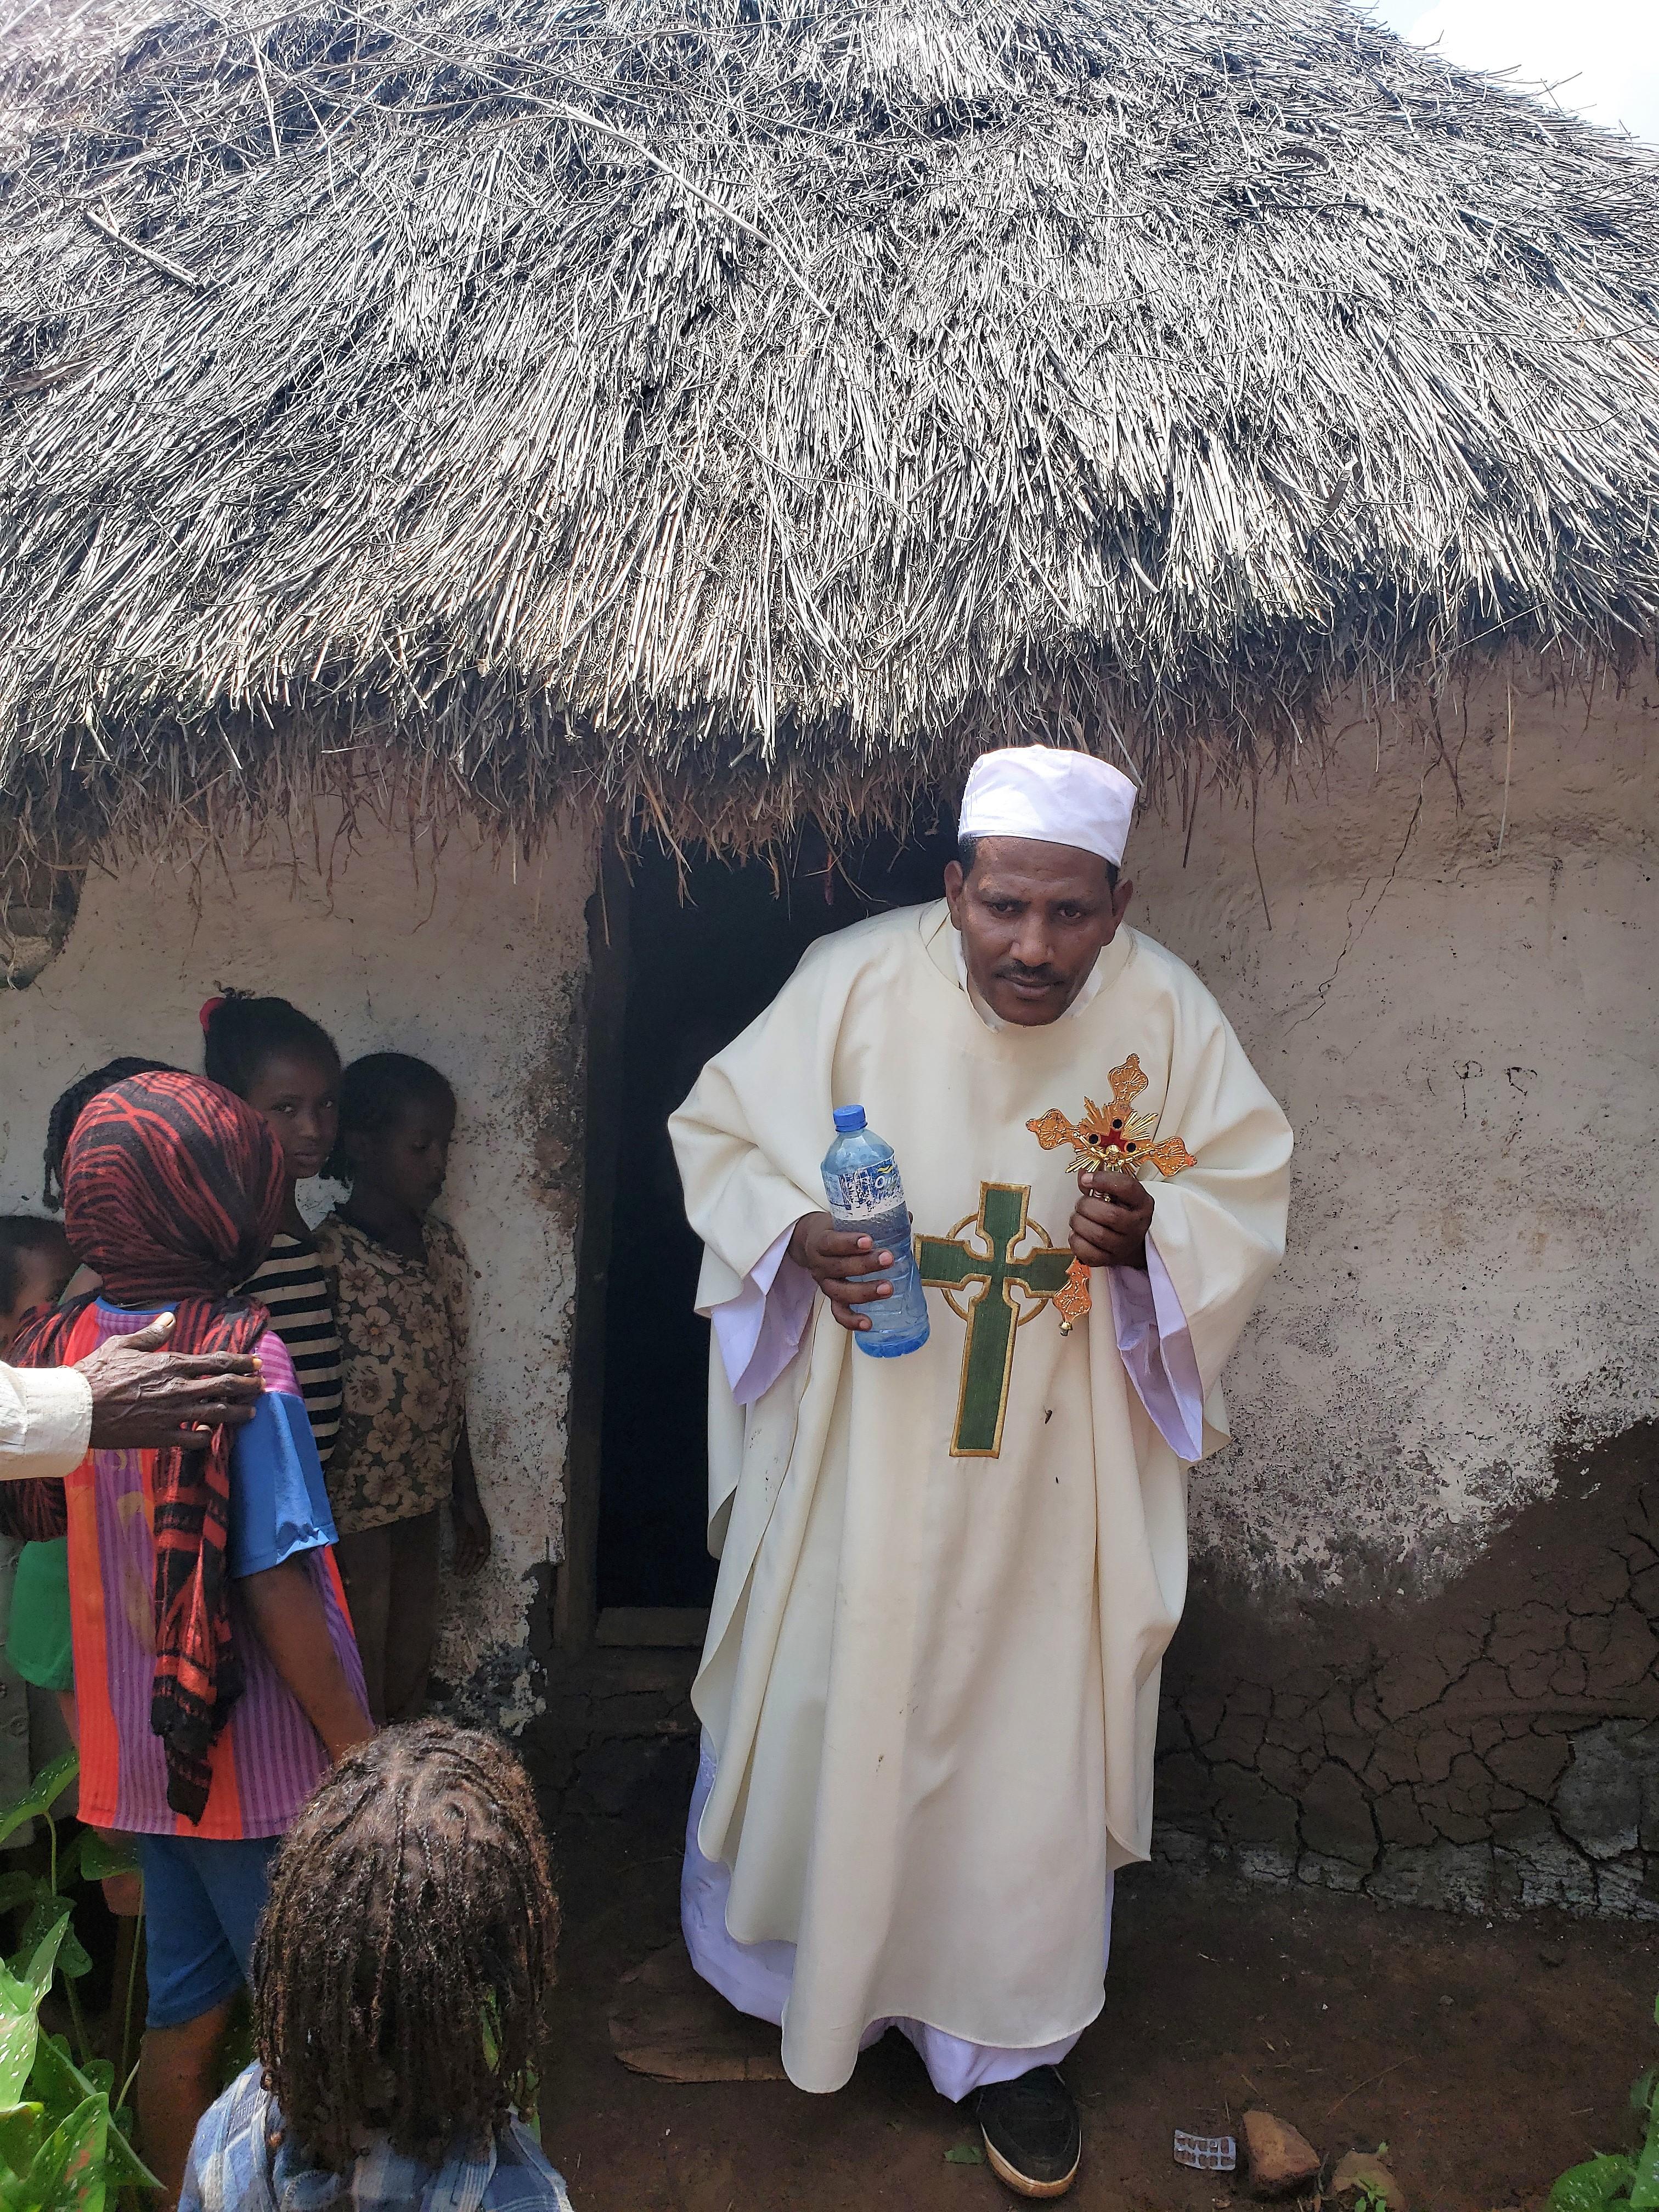 Etiopía: Construcción de una capilla en un pueblo